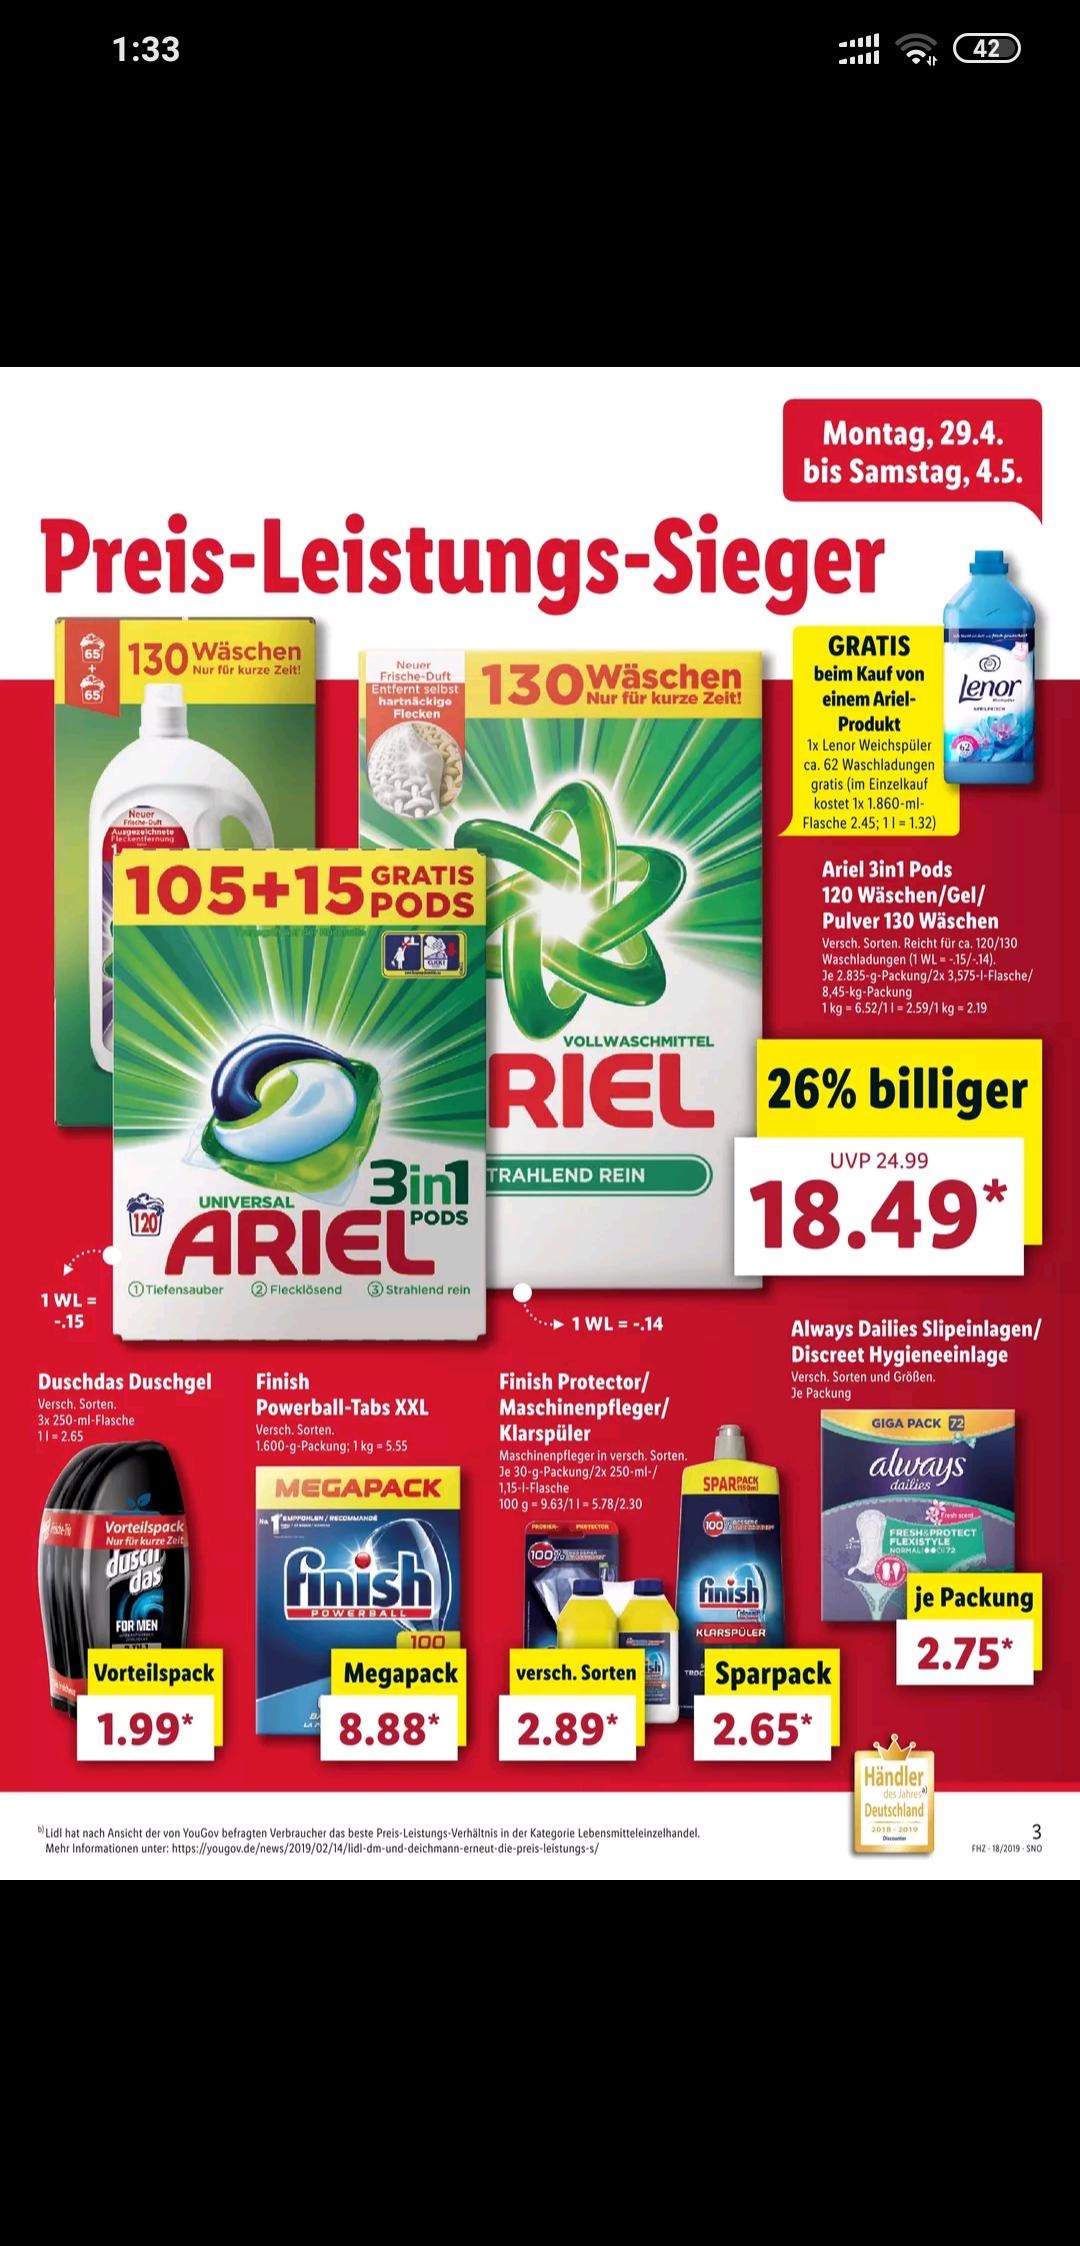 [Lidl offline] *ab 29.04* Ariel Pods 120 Stück macht 14 Cent pro Wäsche (Bestpreis) Gratis Weichspüler von lenor (Wert: 2,5€)